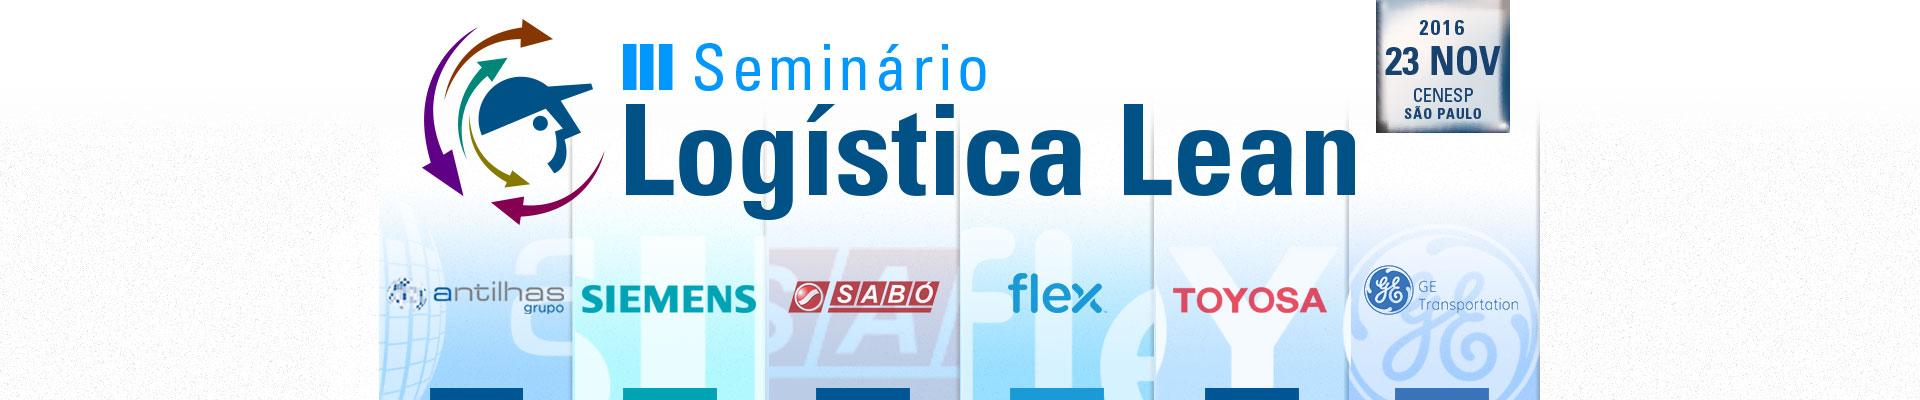 banner-III-Seminário-de-Logística-Lean